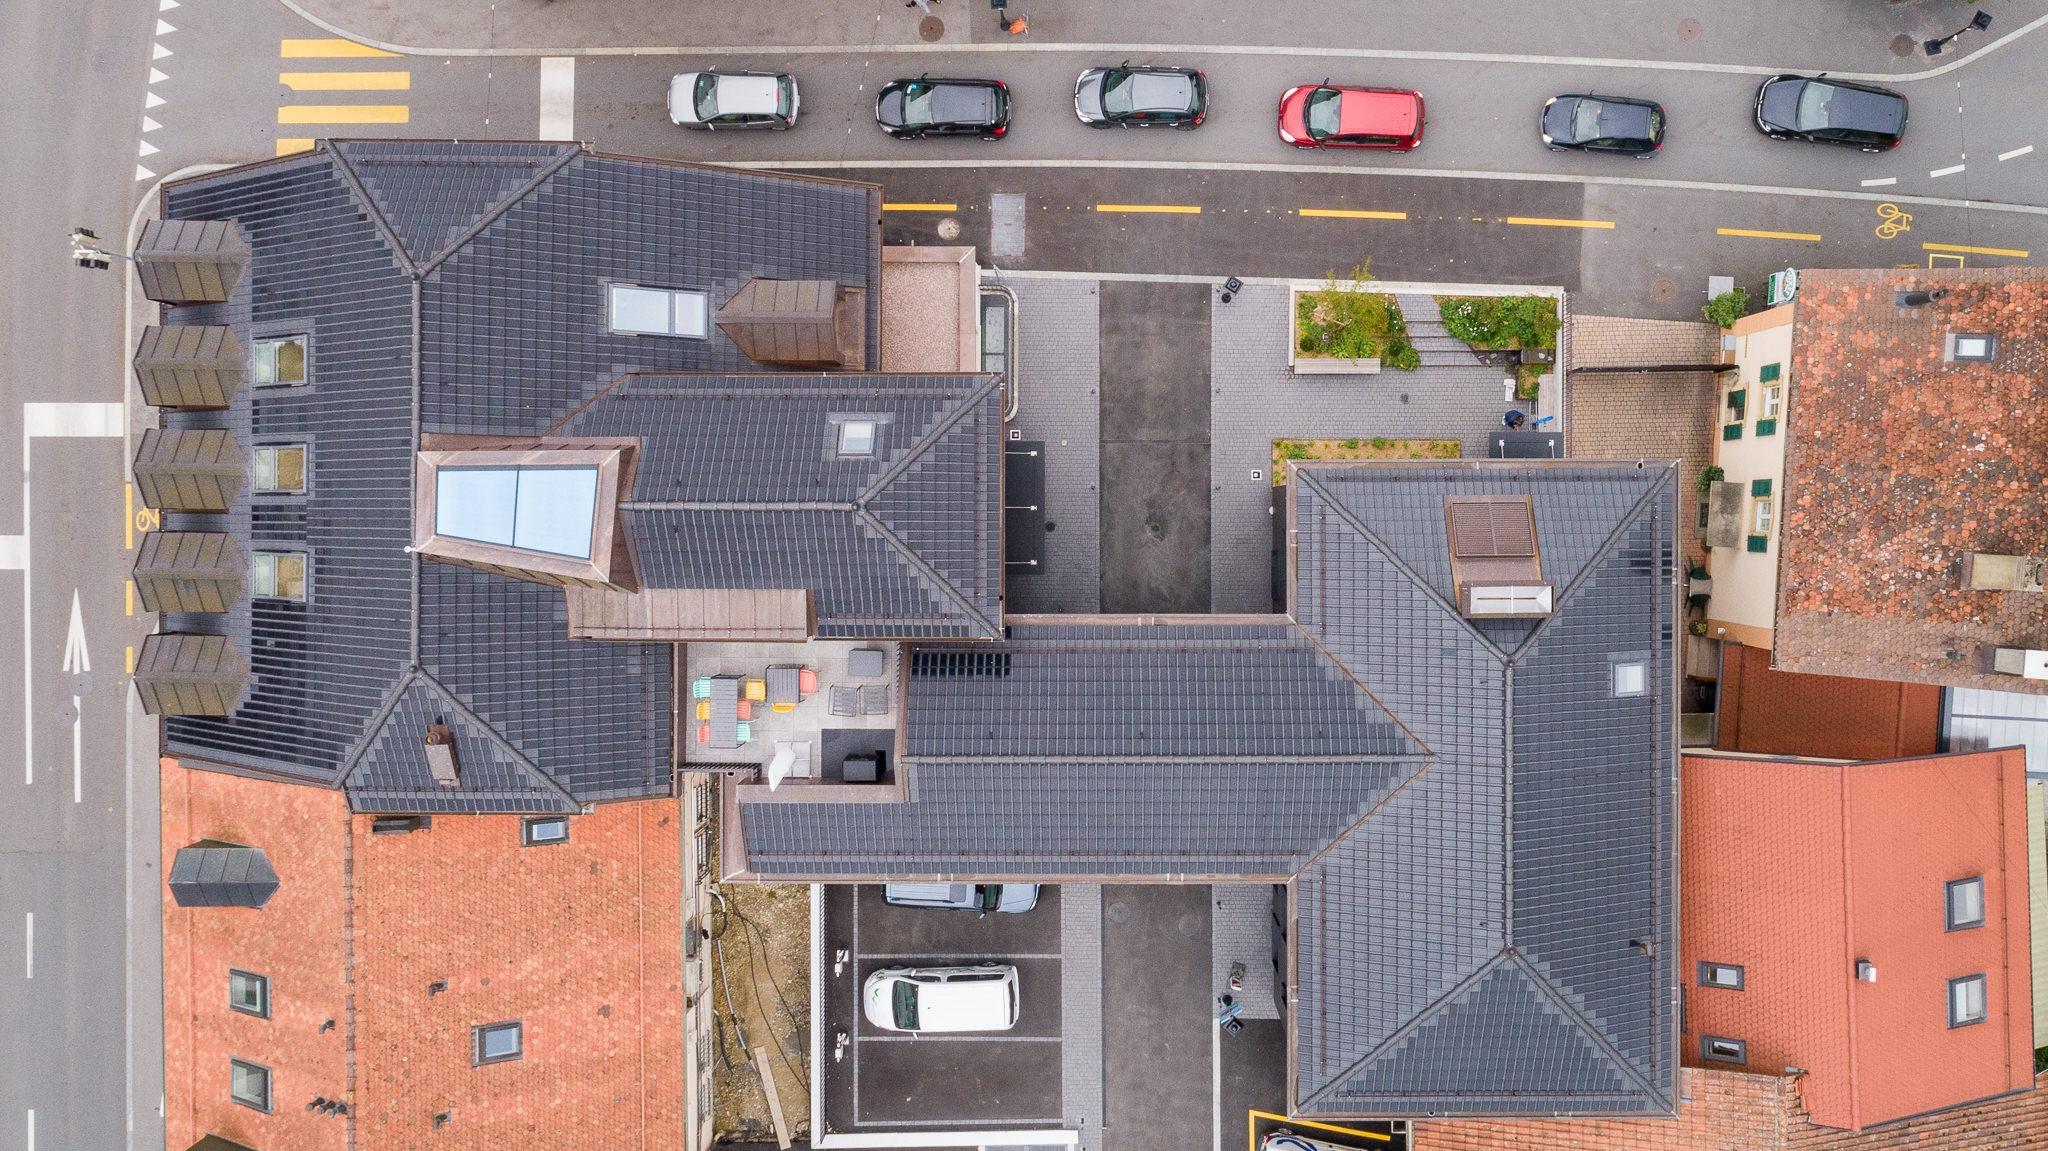 Raiffeisen Gros de Vaud, Echallens, eingedeckt mit Photovoltaik PAN 32 Dachziegeln von Gasser Ceramic, Aussenaufnahme